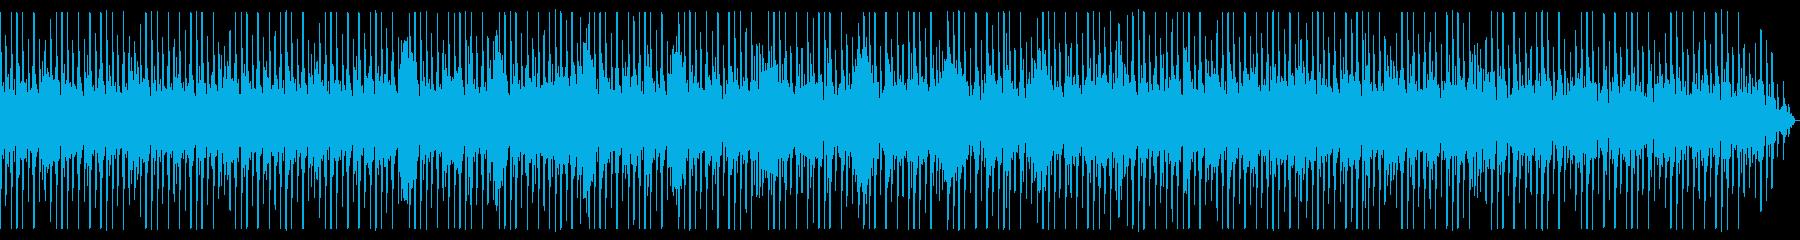 少しゆったりめなビートのテクノの再生済みの波形